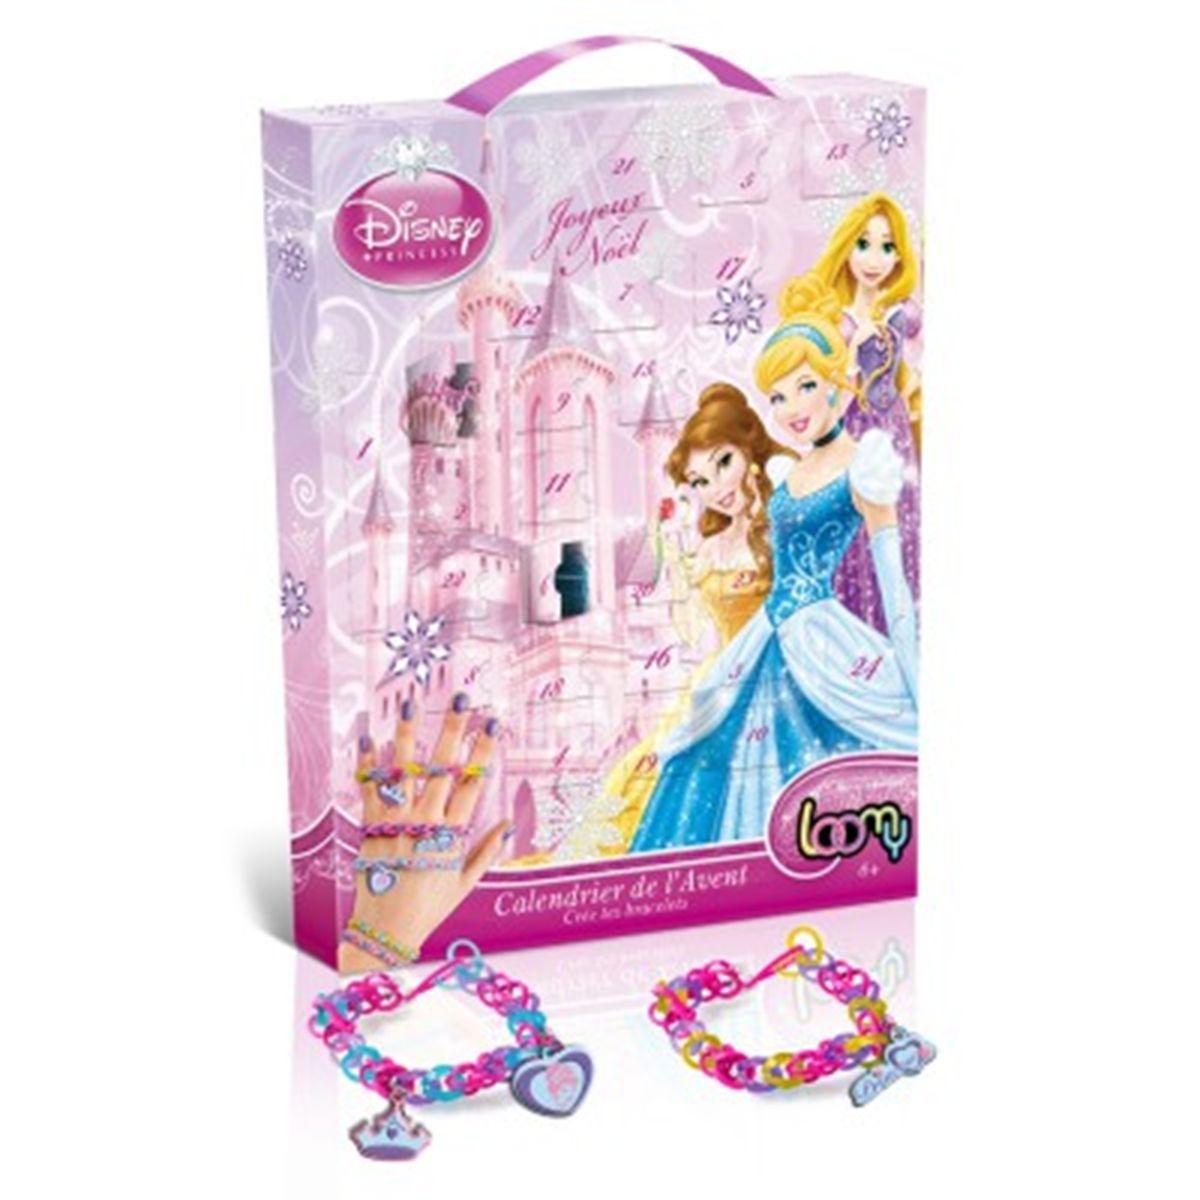 Calendrier Avent Barbie.Calendrier De L Avent Princesses Disney Jeux De